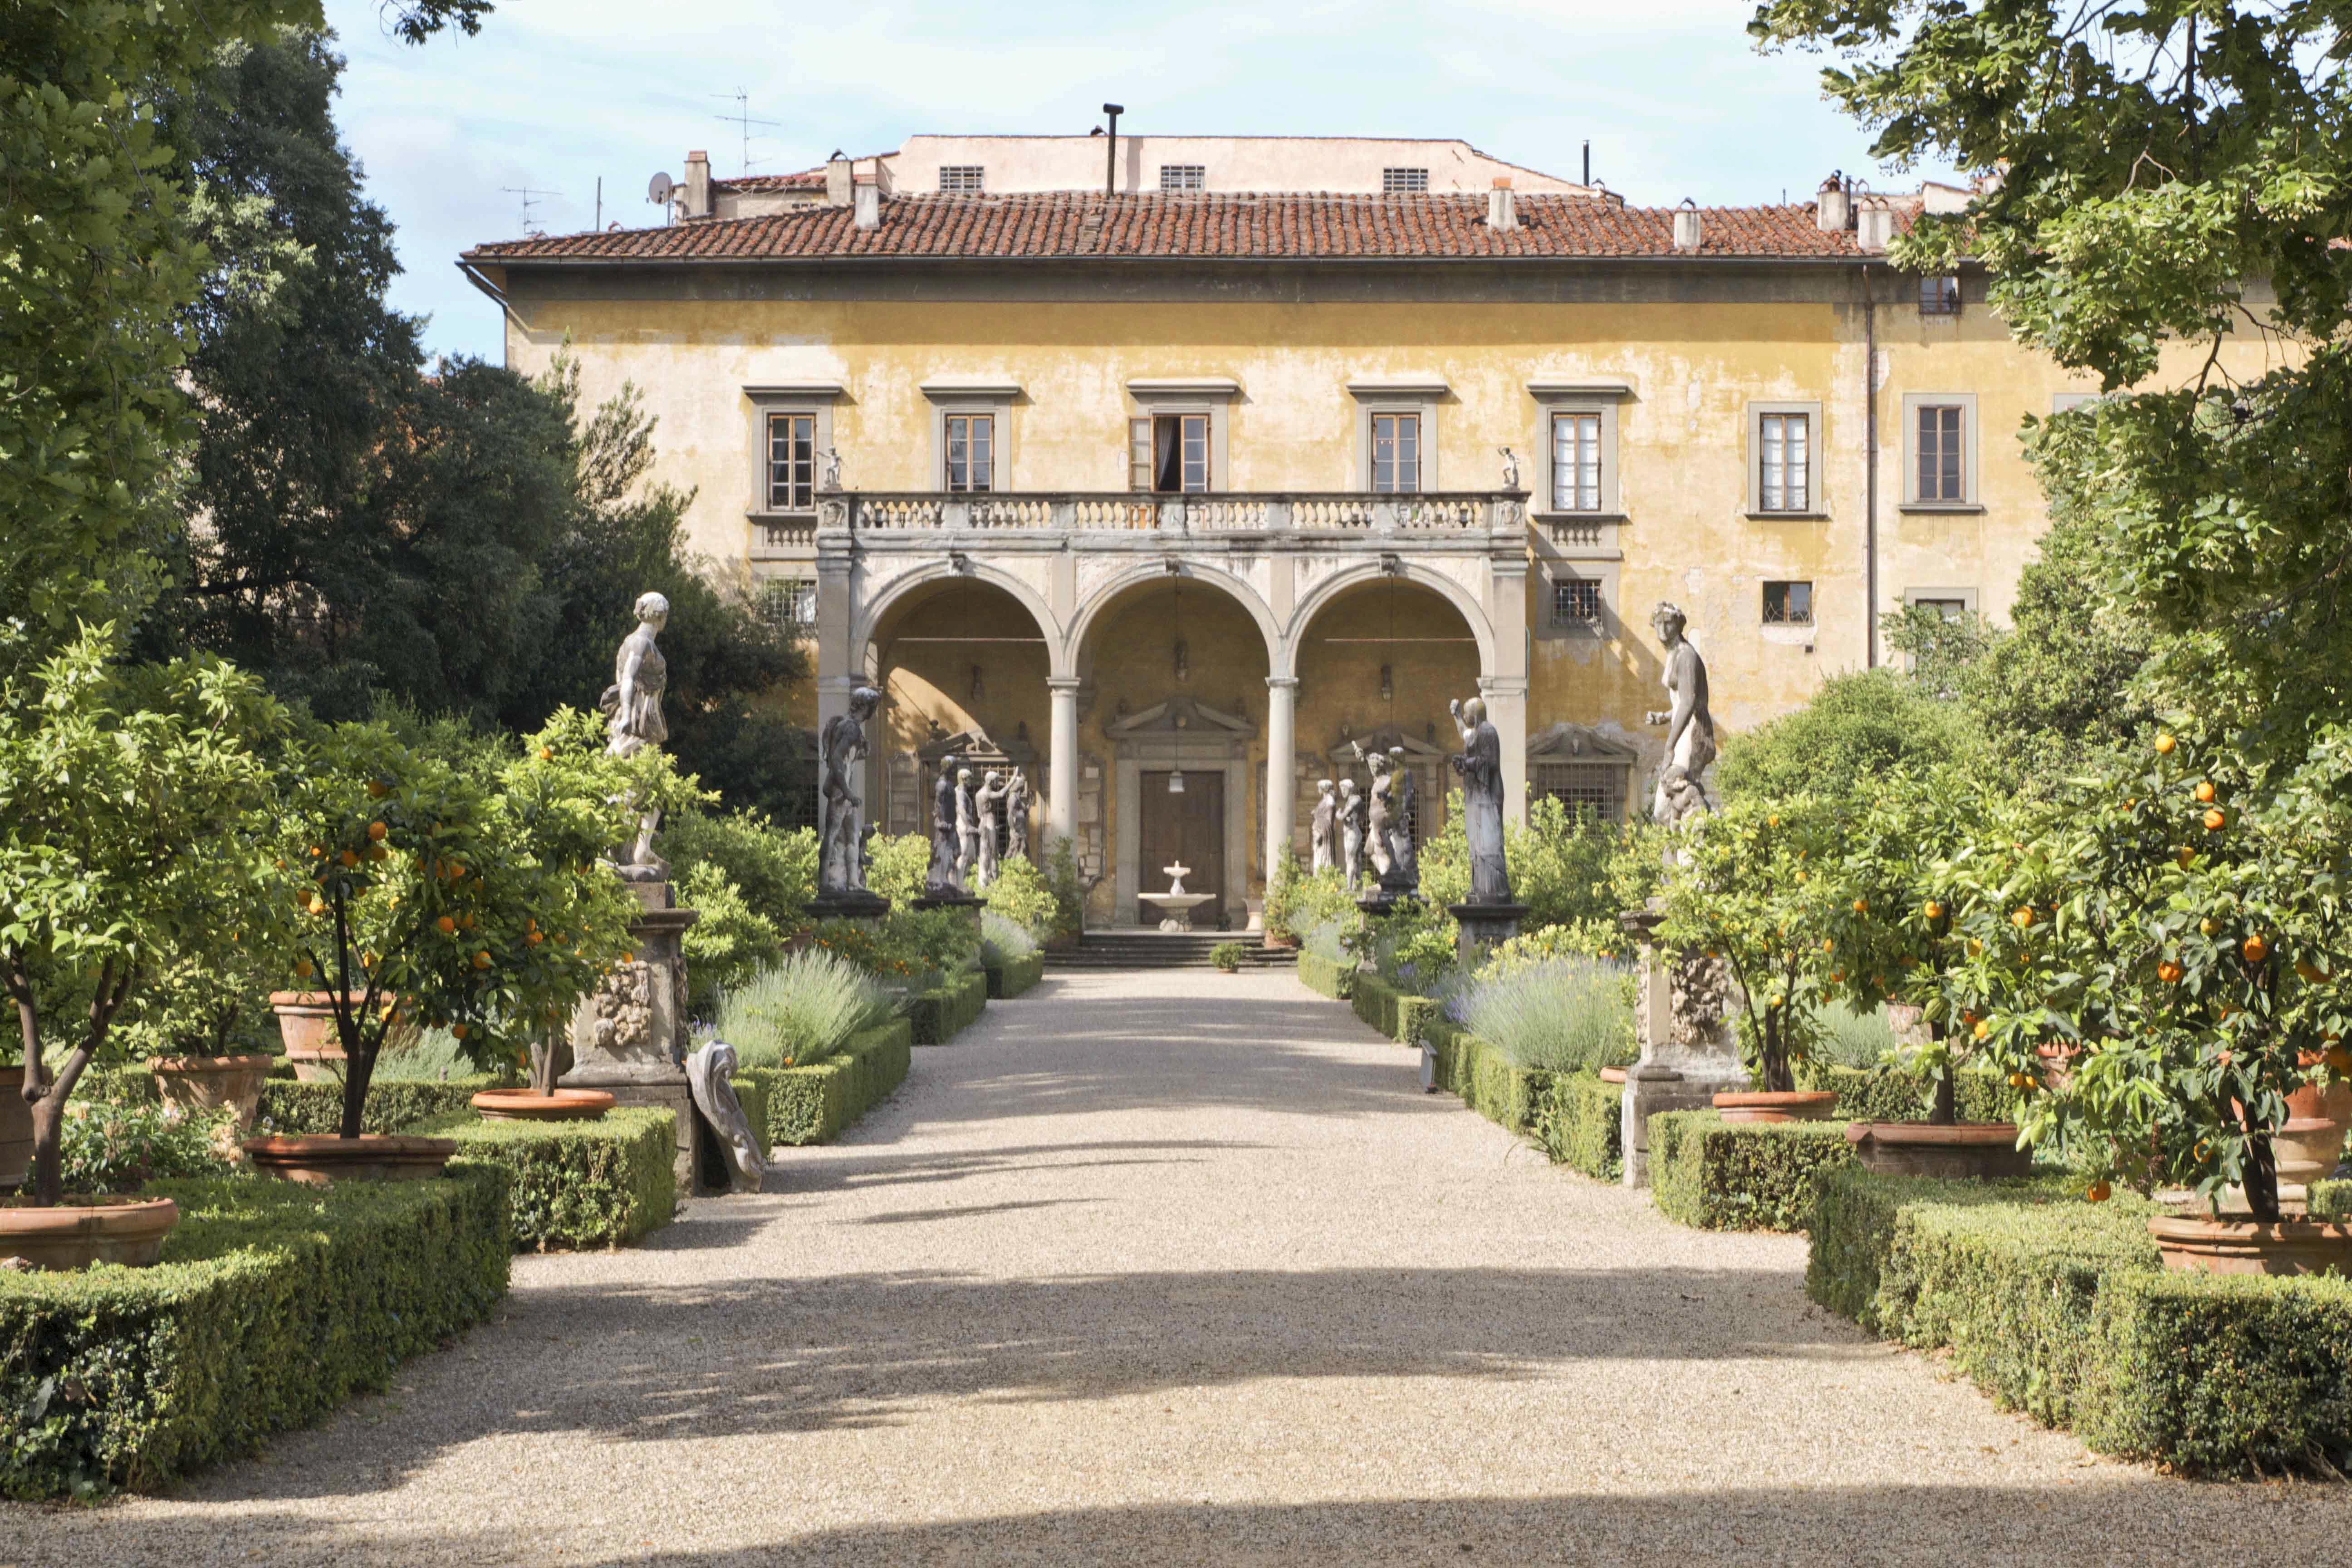 Docce Per Esterni E Giardini al giardino corsini di firenze raccolta fondi per il museo